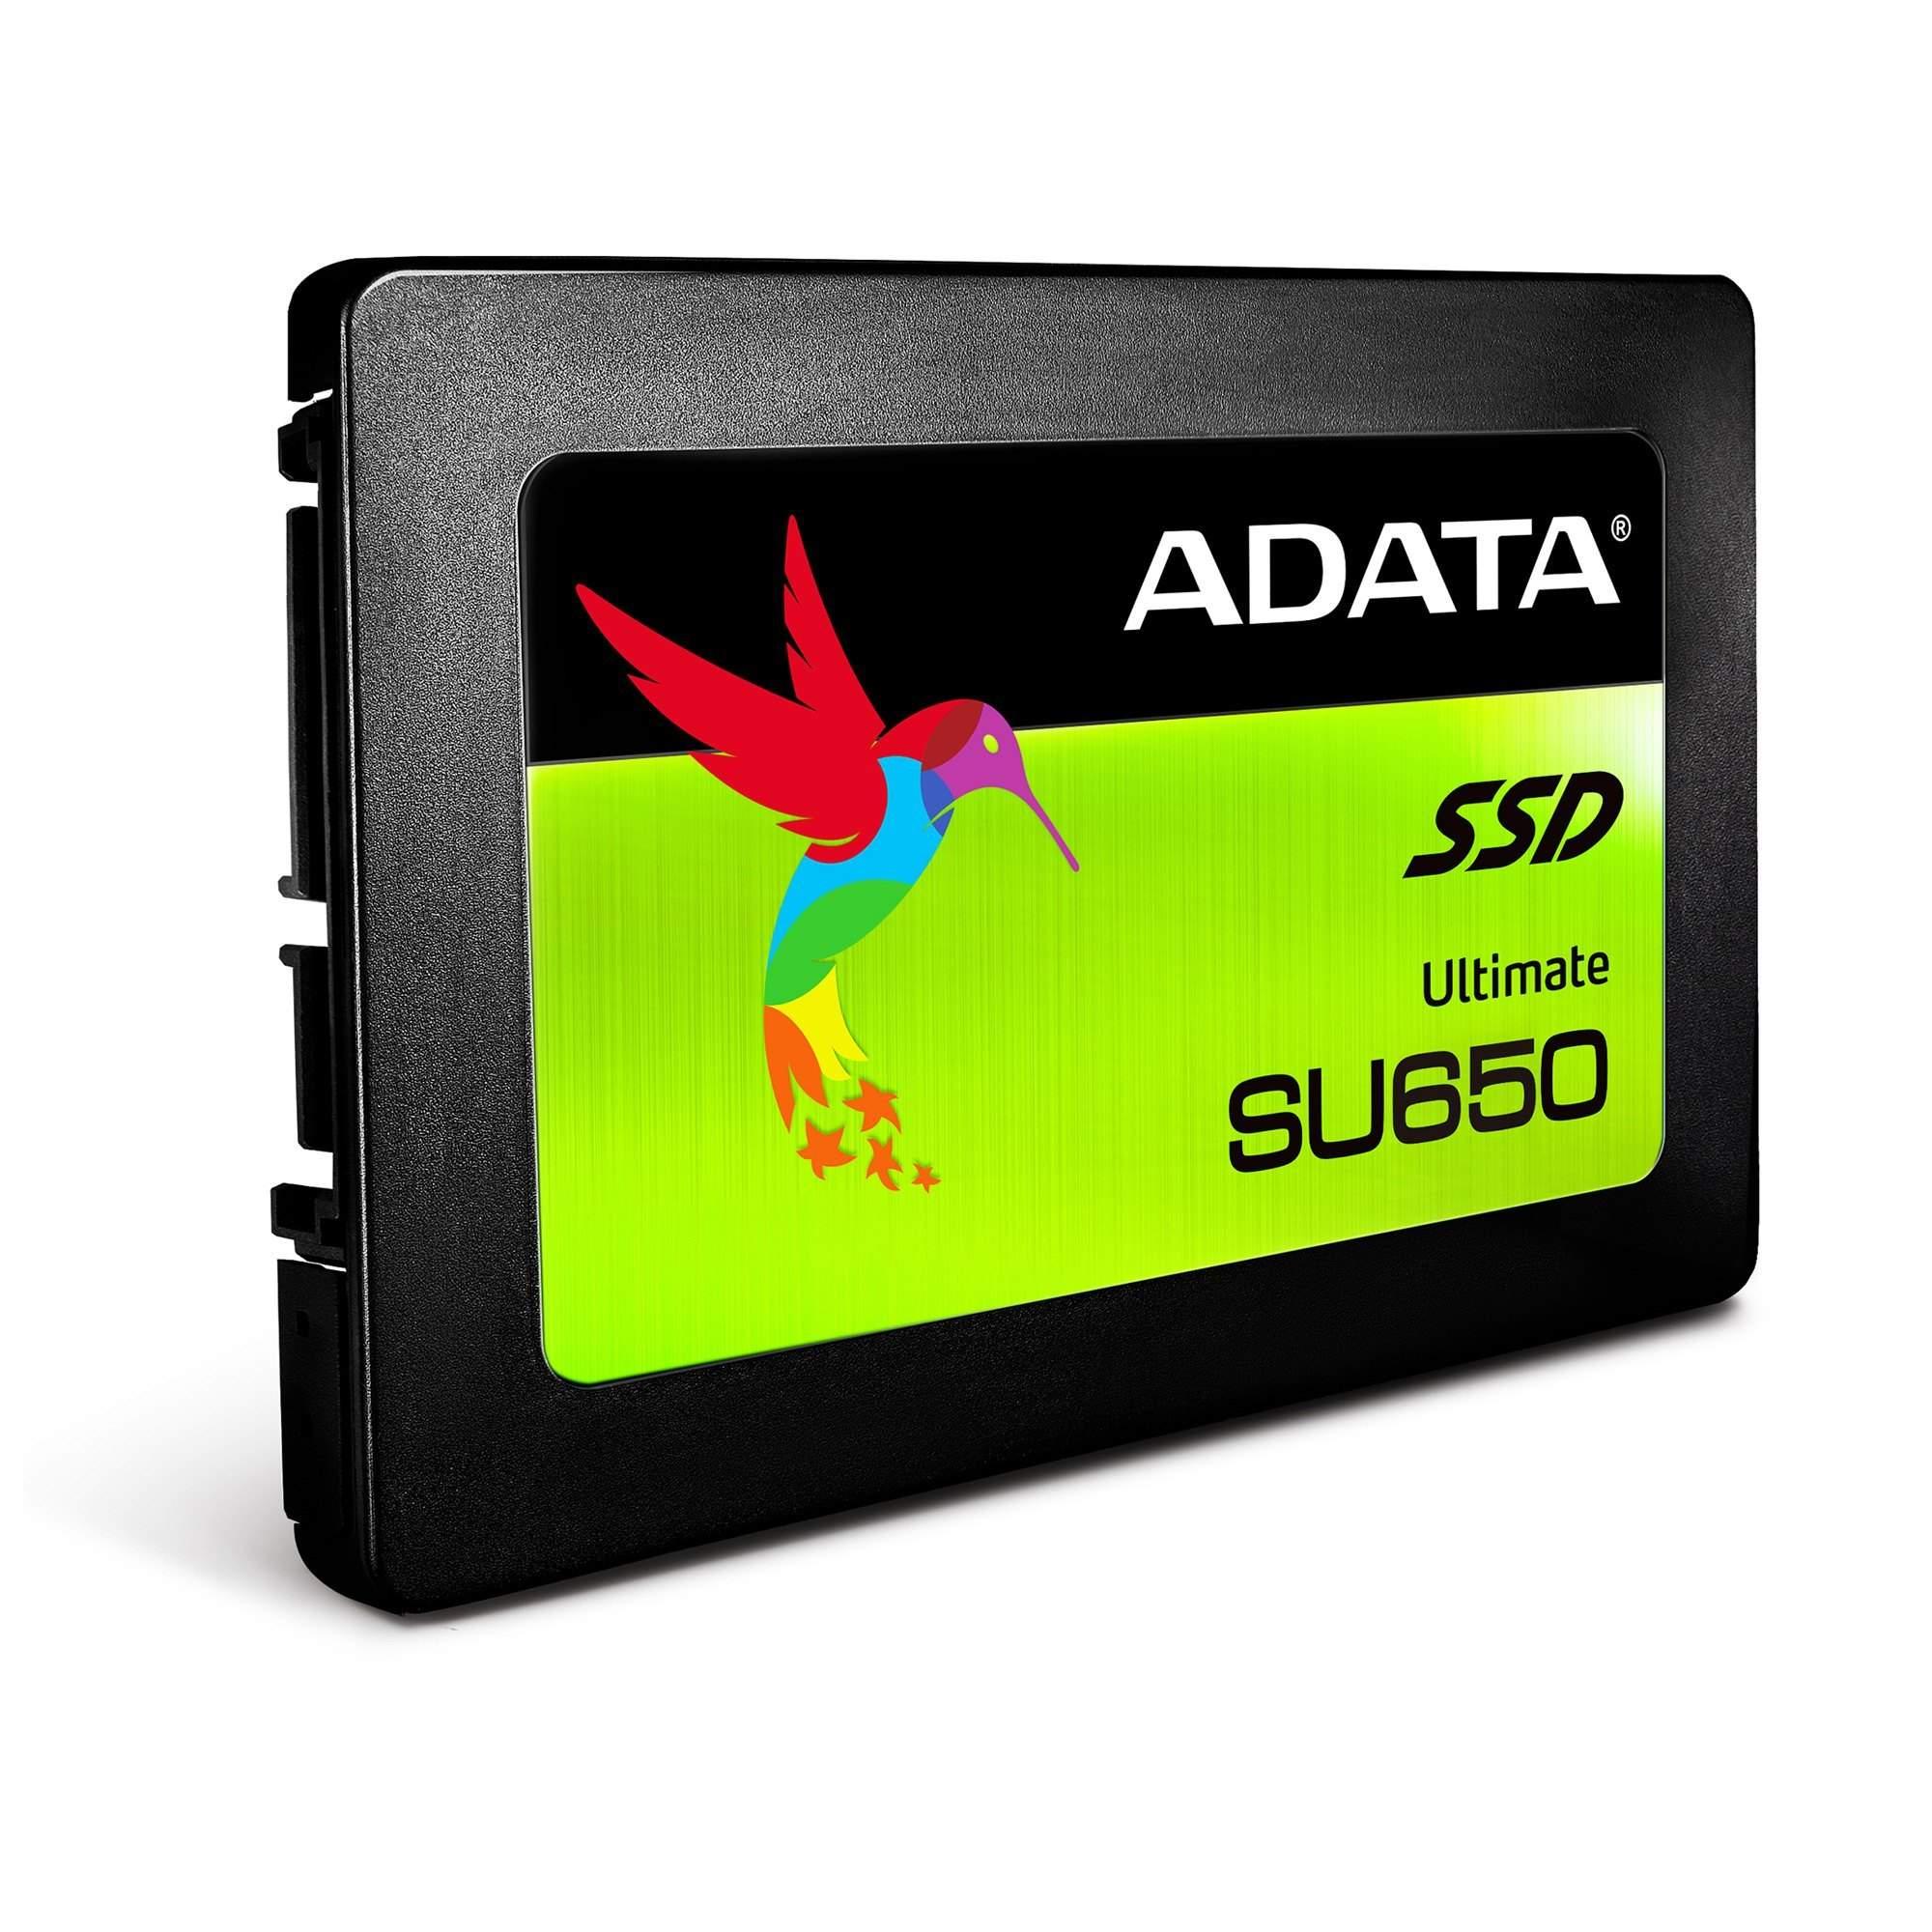 ADATA SU650 960GB: $85 AC / ADATA SU650 480GB: $43 AC + Free Shipping